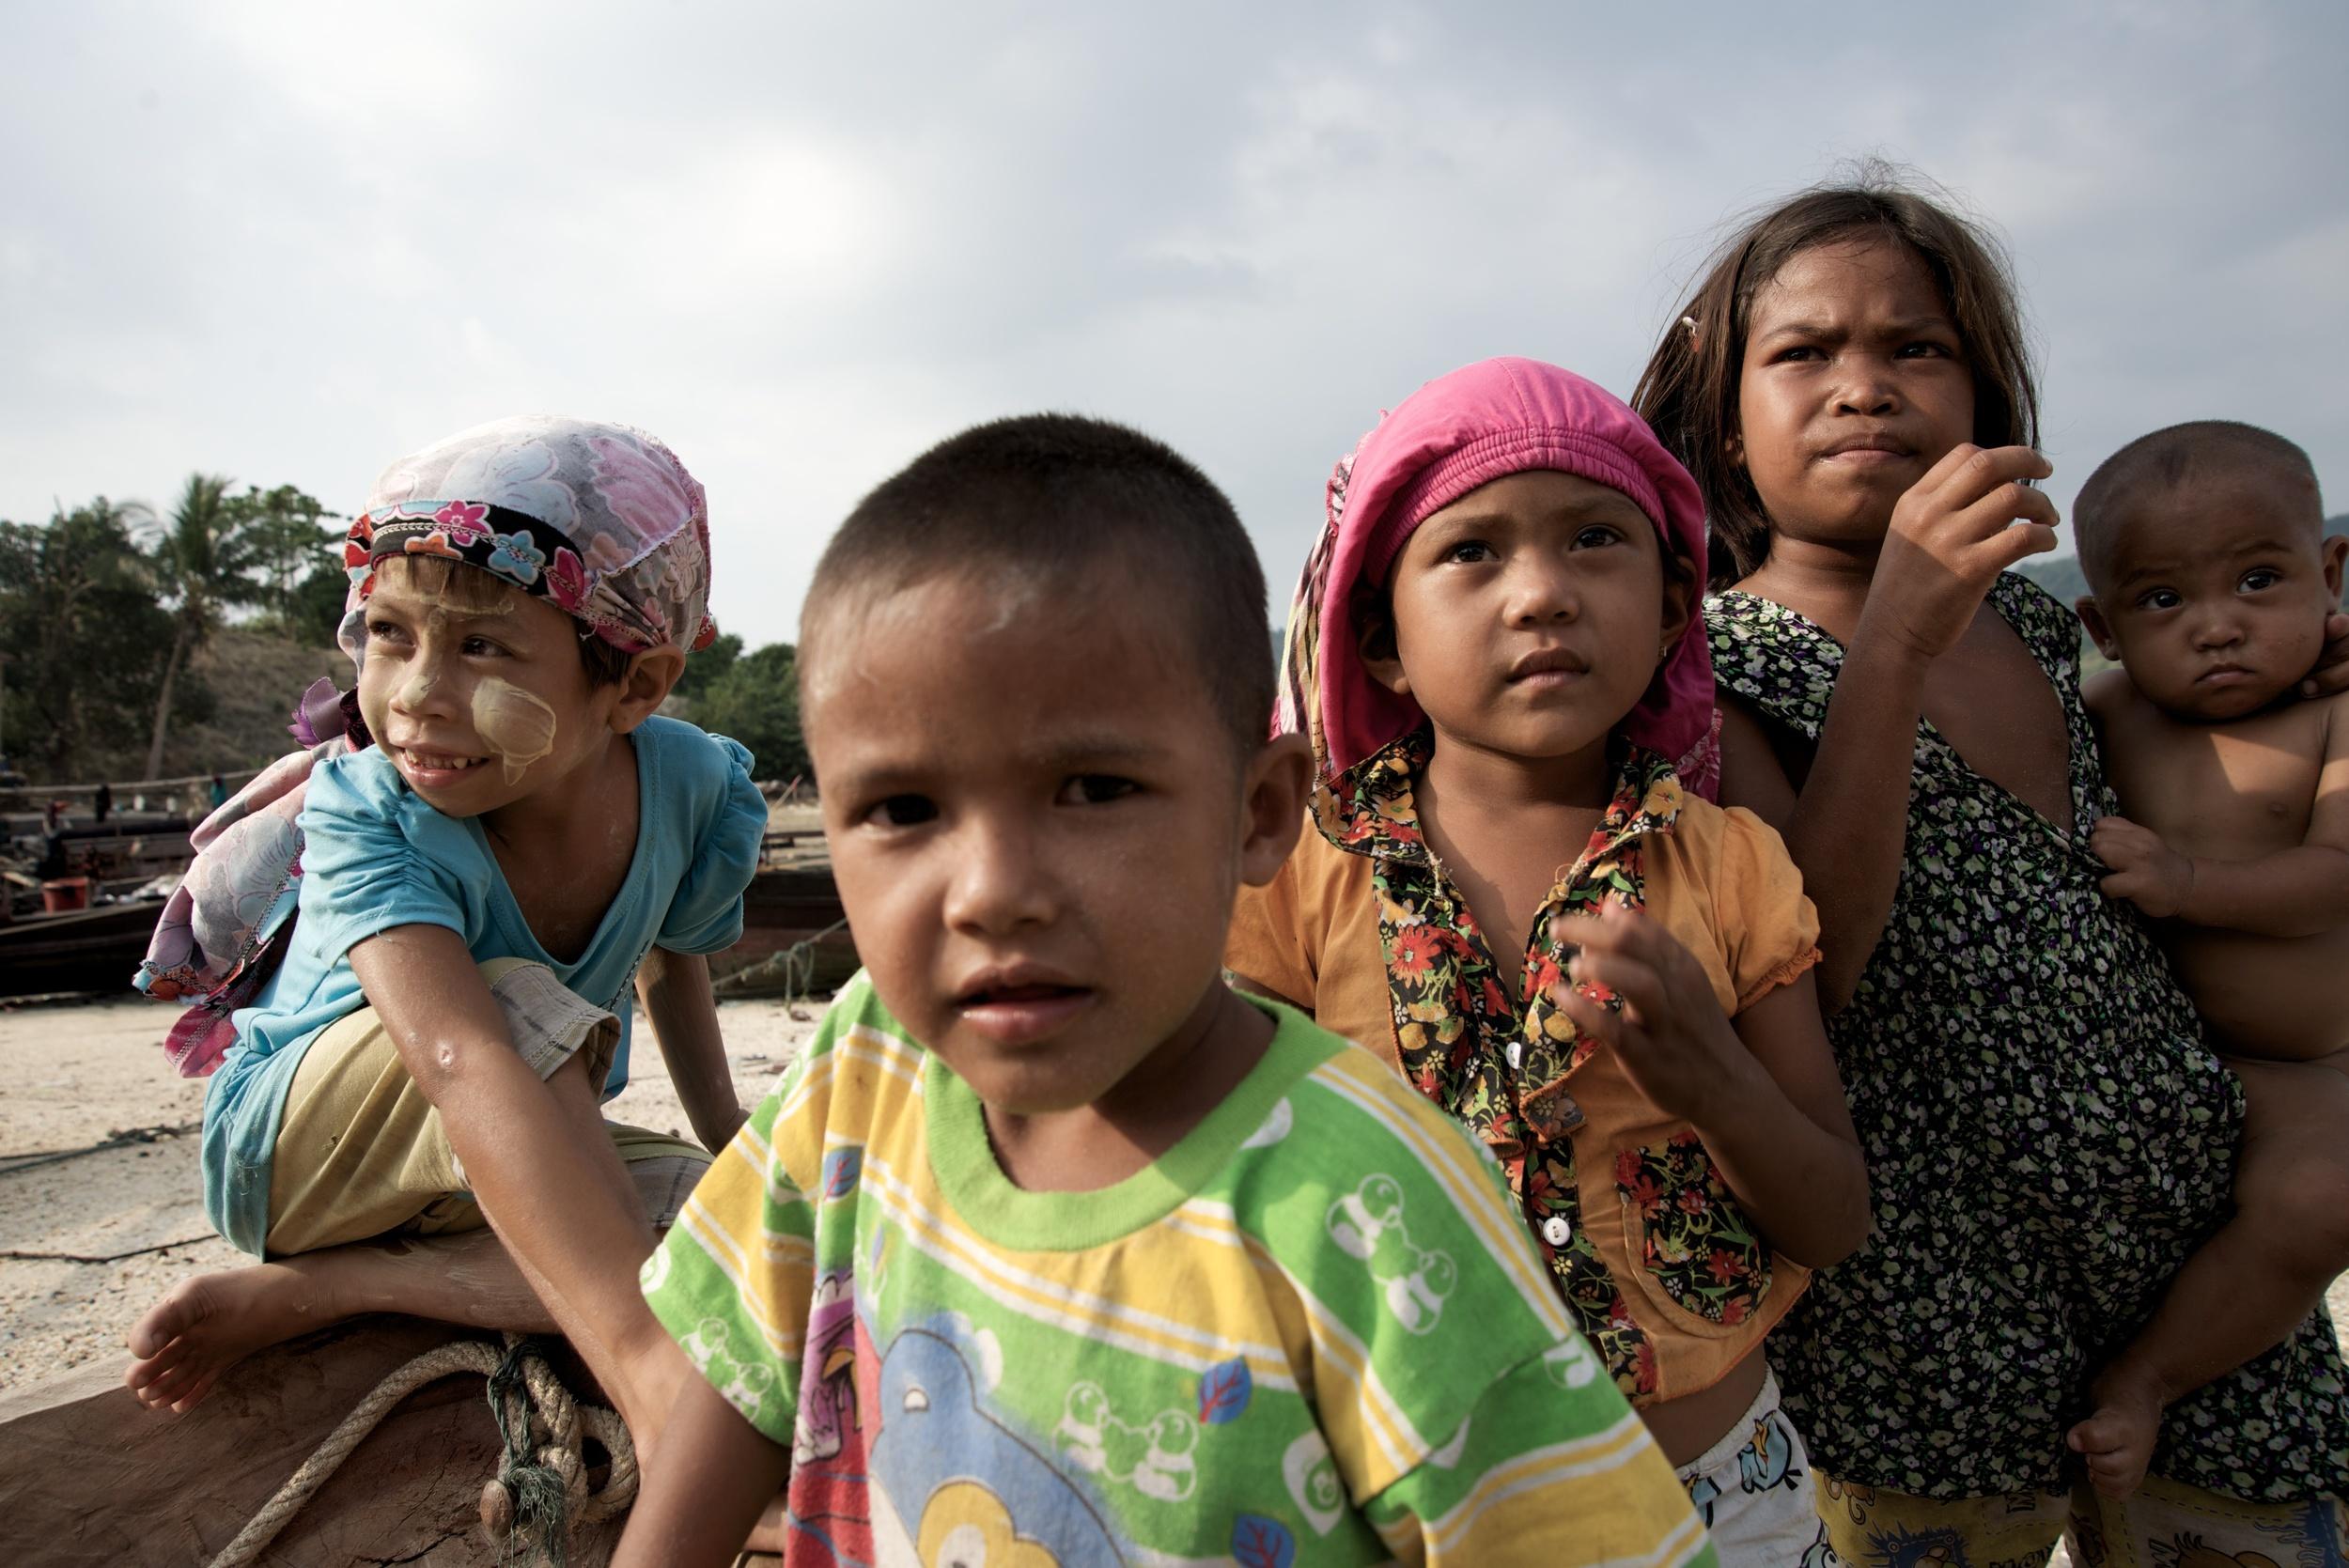 Moken children playing in their village